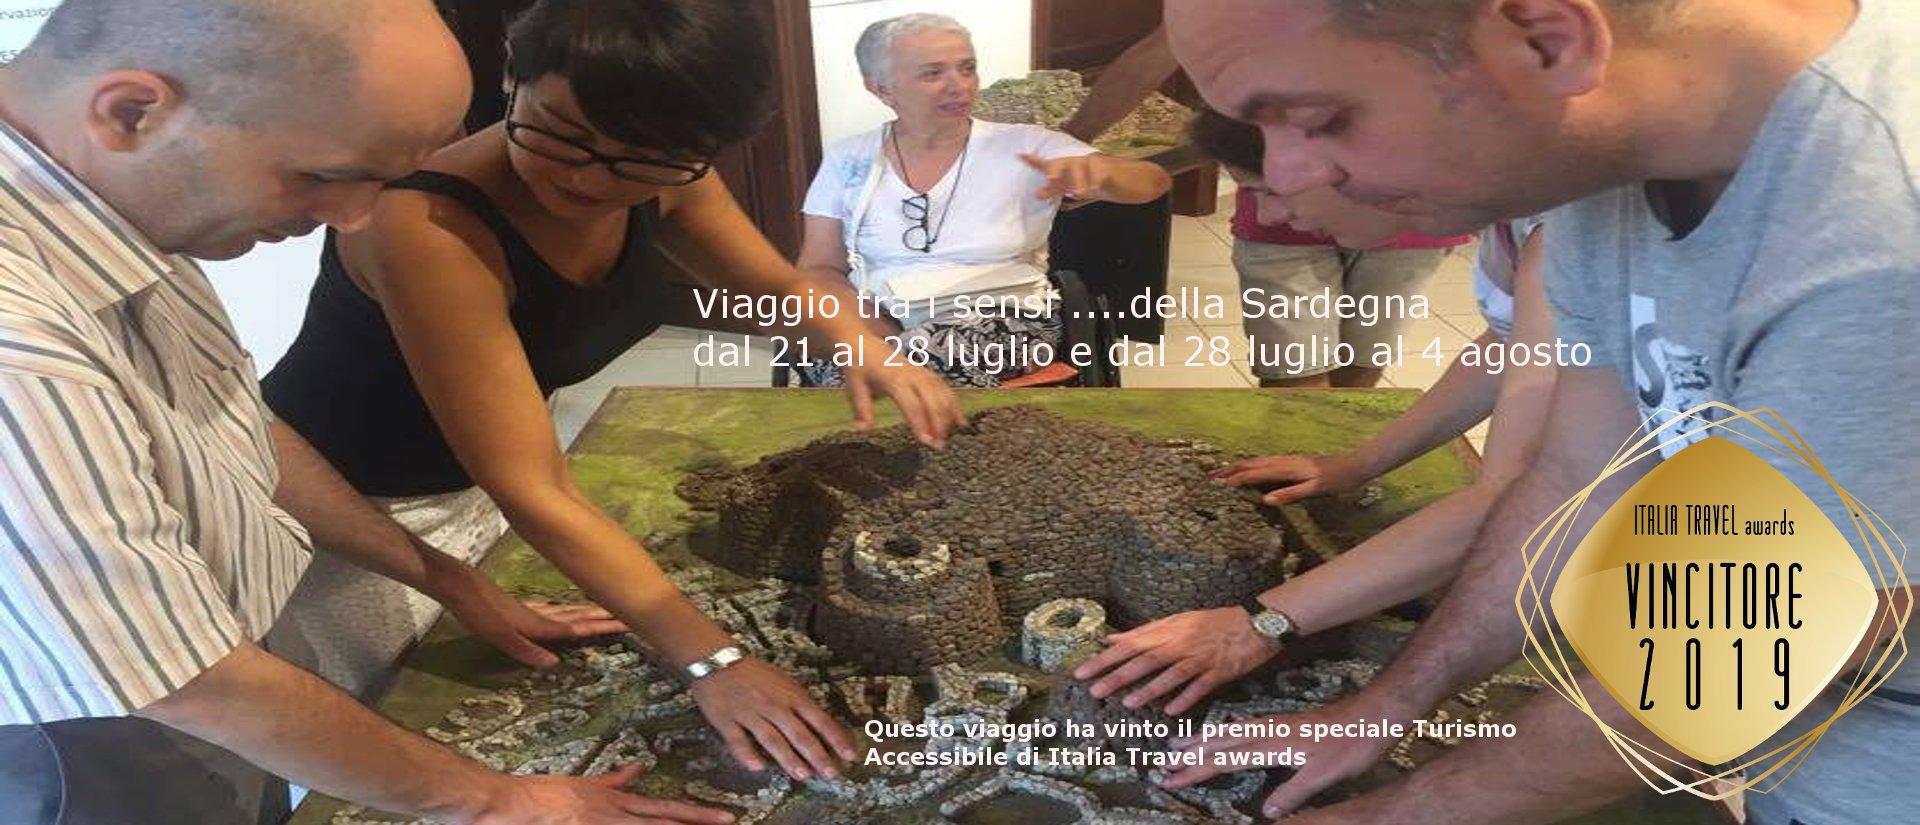 Viaggio Sardegna Accessibile